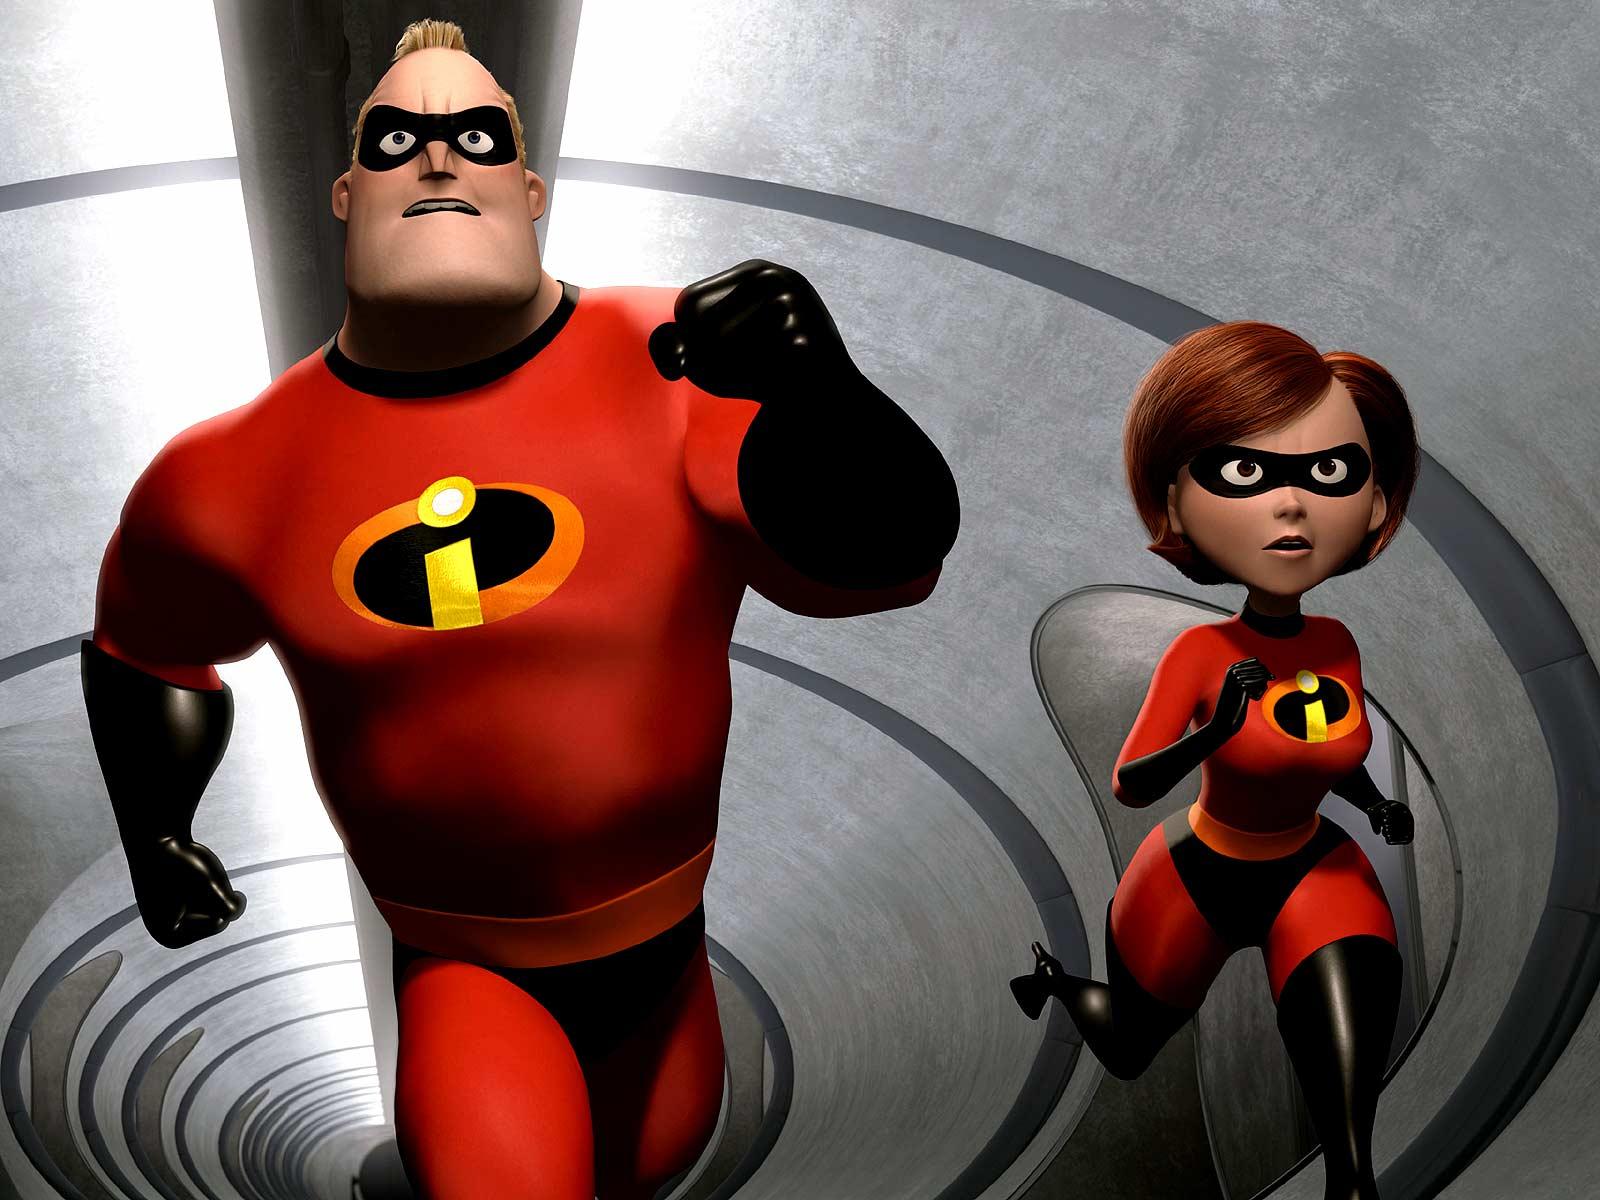 http://3.bp.blogspot.com/-wZvEGPUPFjw/T6LTTCXkNtI/AAAAAAAACs8/I3U4LzDv66E/s1600/The-Incredibles-movie-image-Pixar-1.jpg